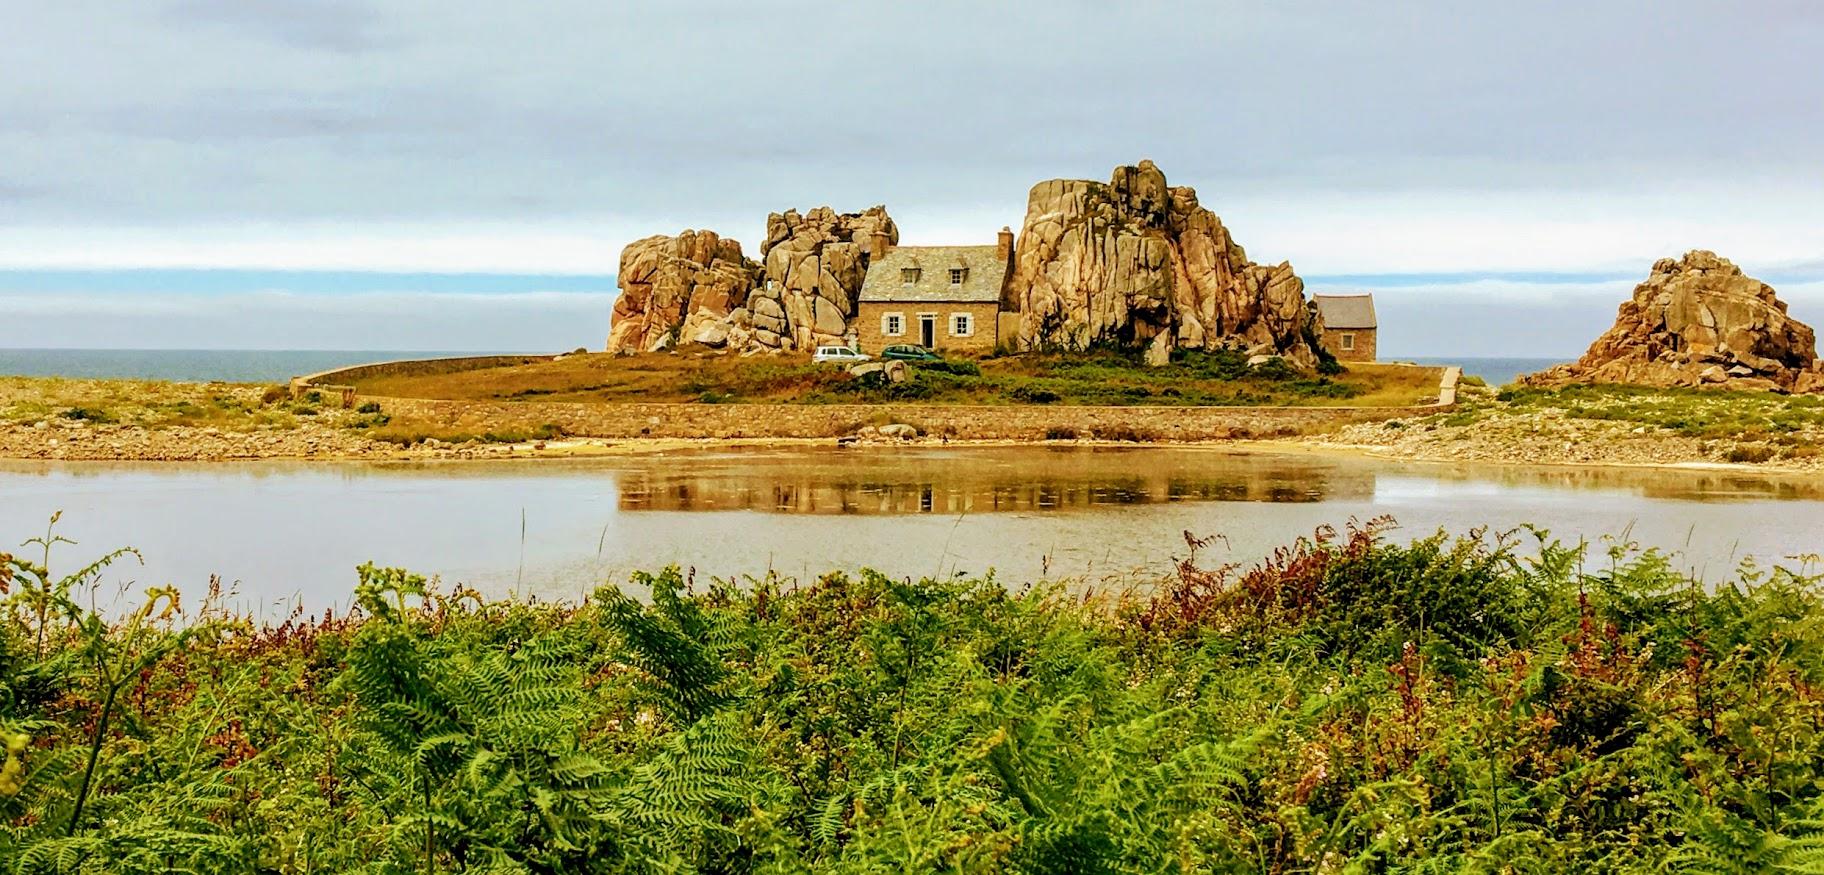 Maison au Gouffre de Plougrescant, Côte de Granit Rose, Bretagne